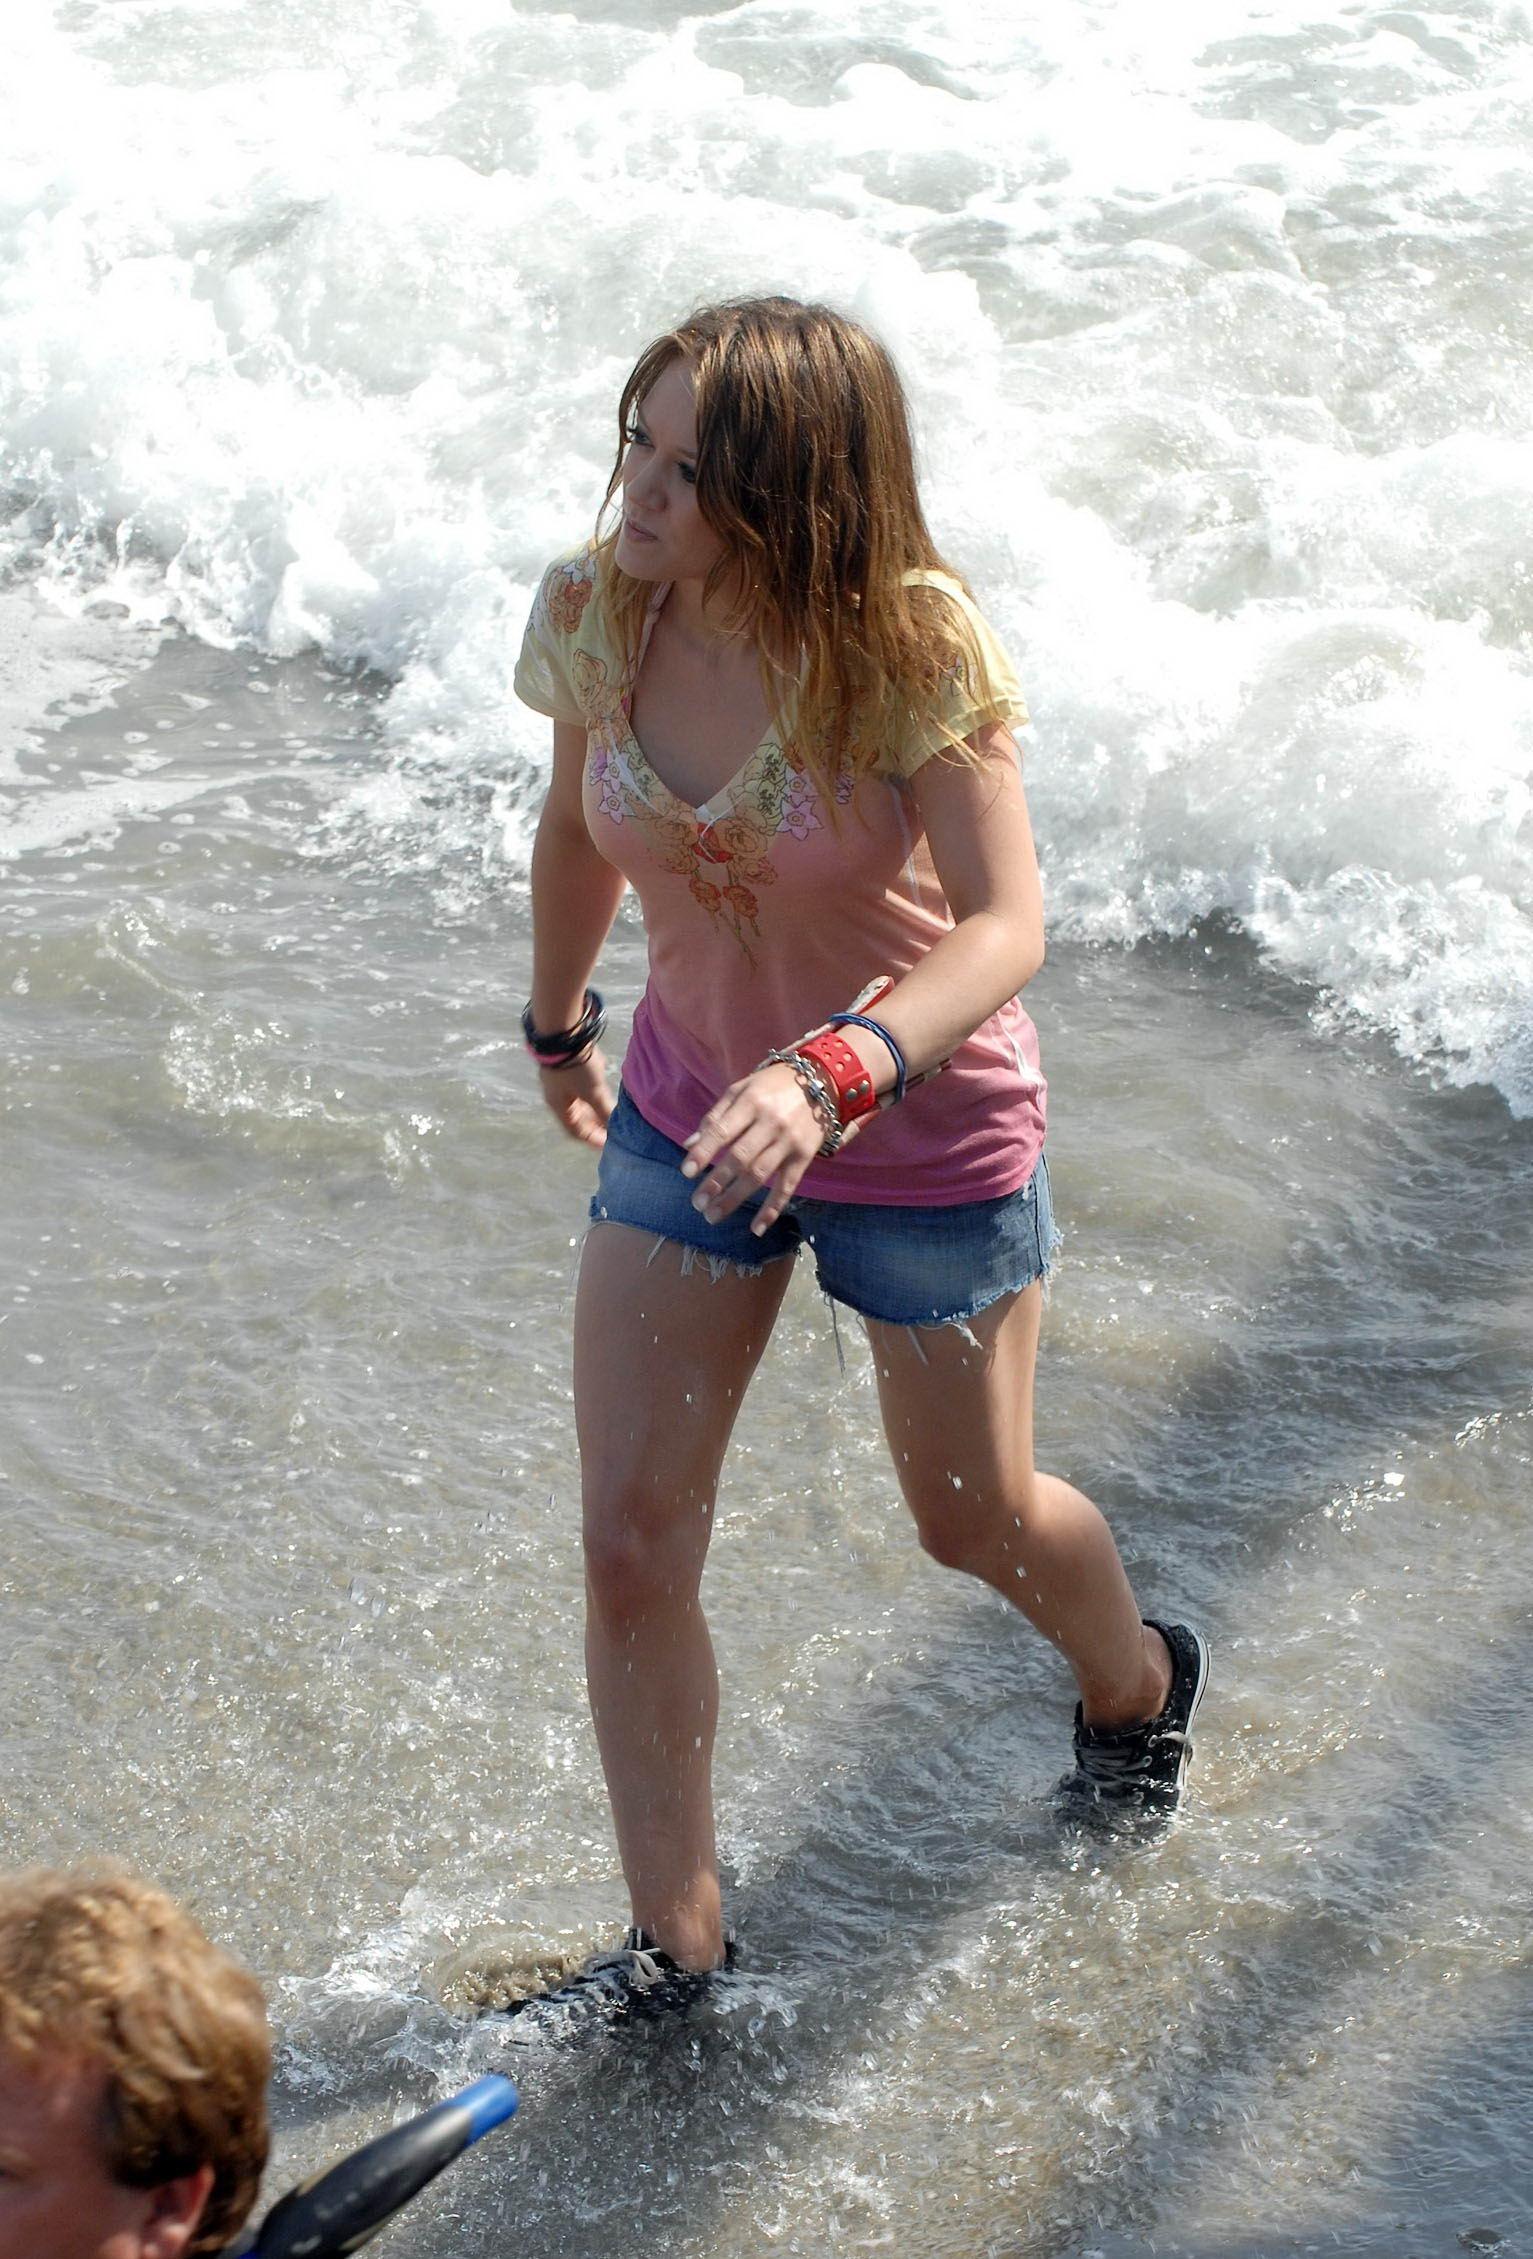 Fotos de Hillary Duff desnuda, Hillary Duff fotos porno